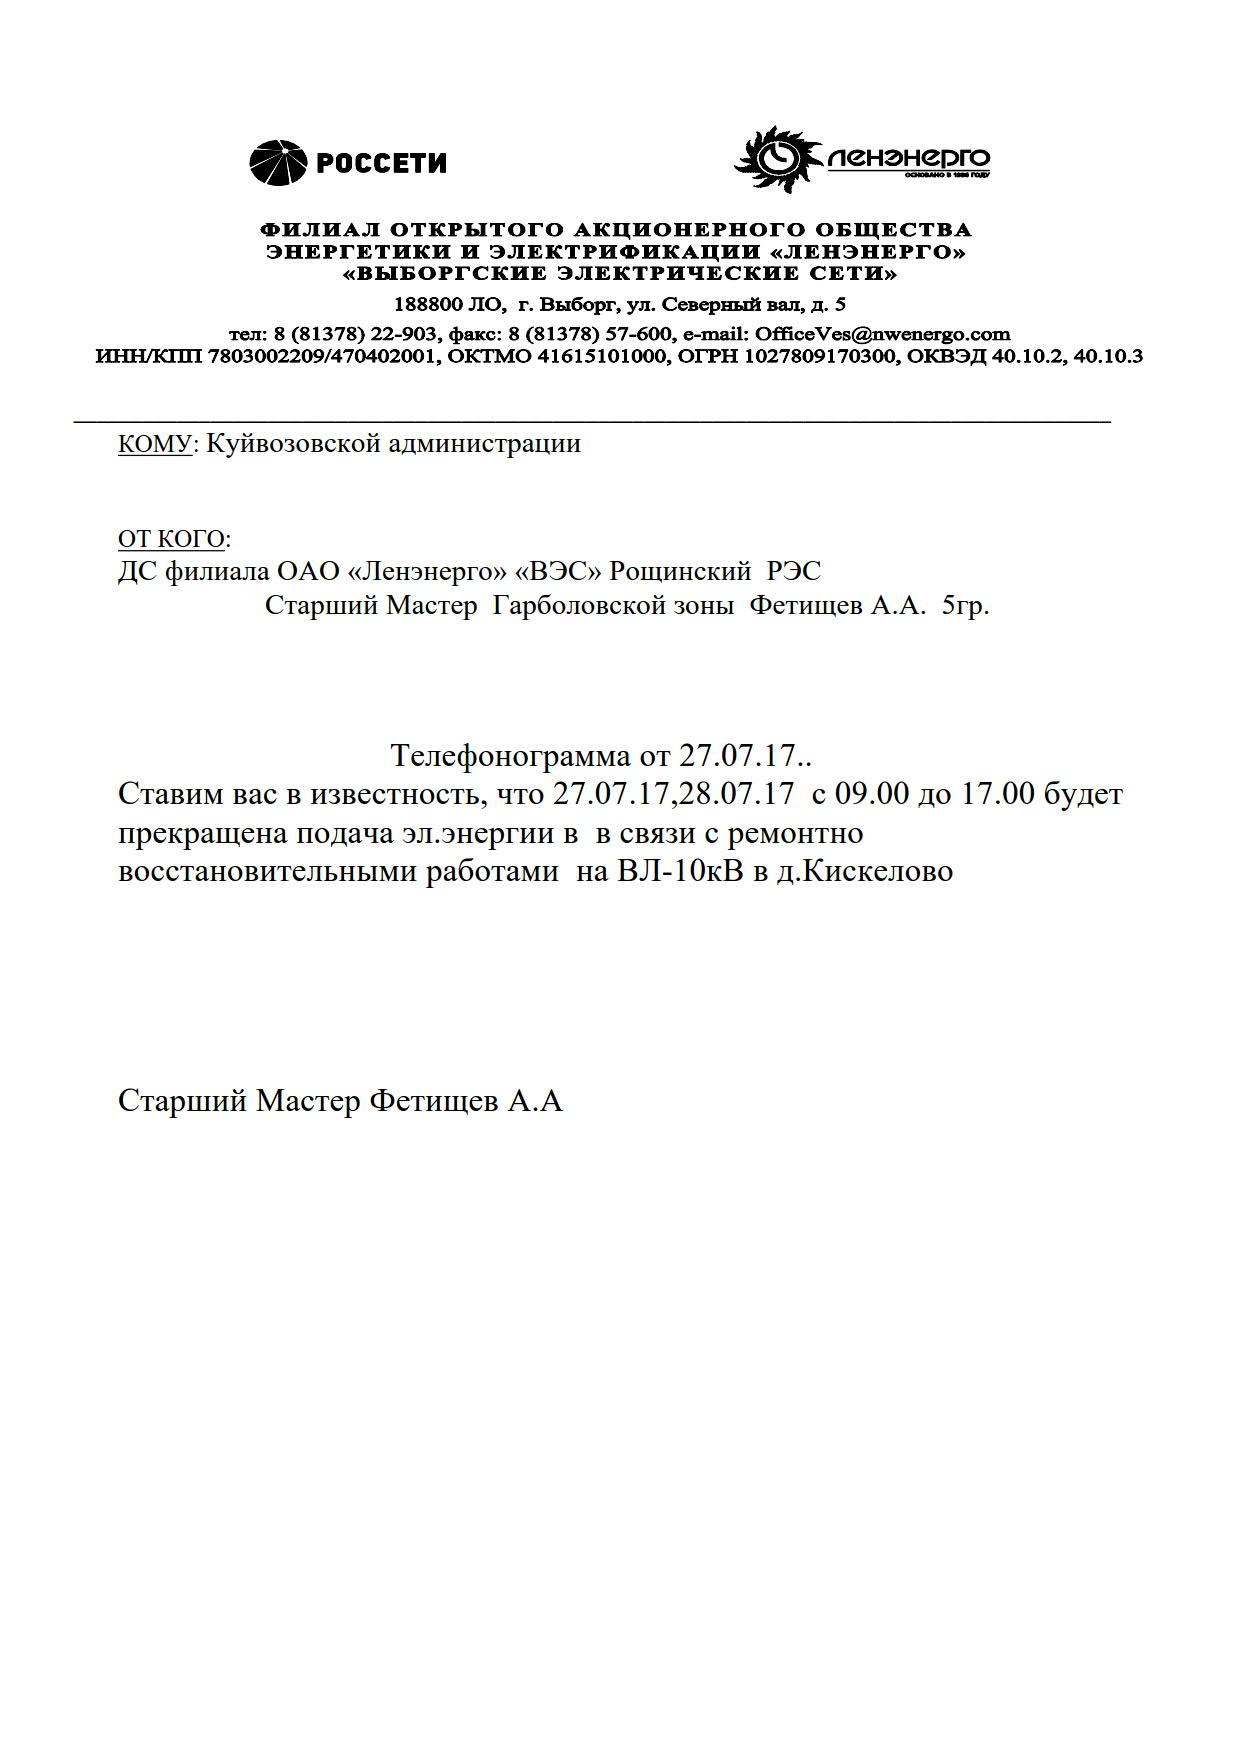 1Куйвозовской адм.27.07.17_1